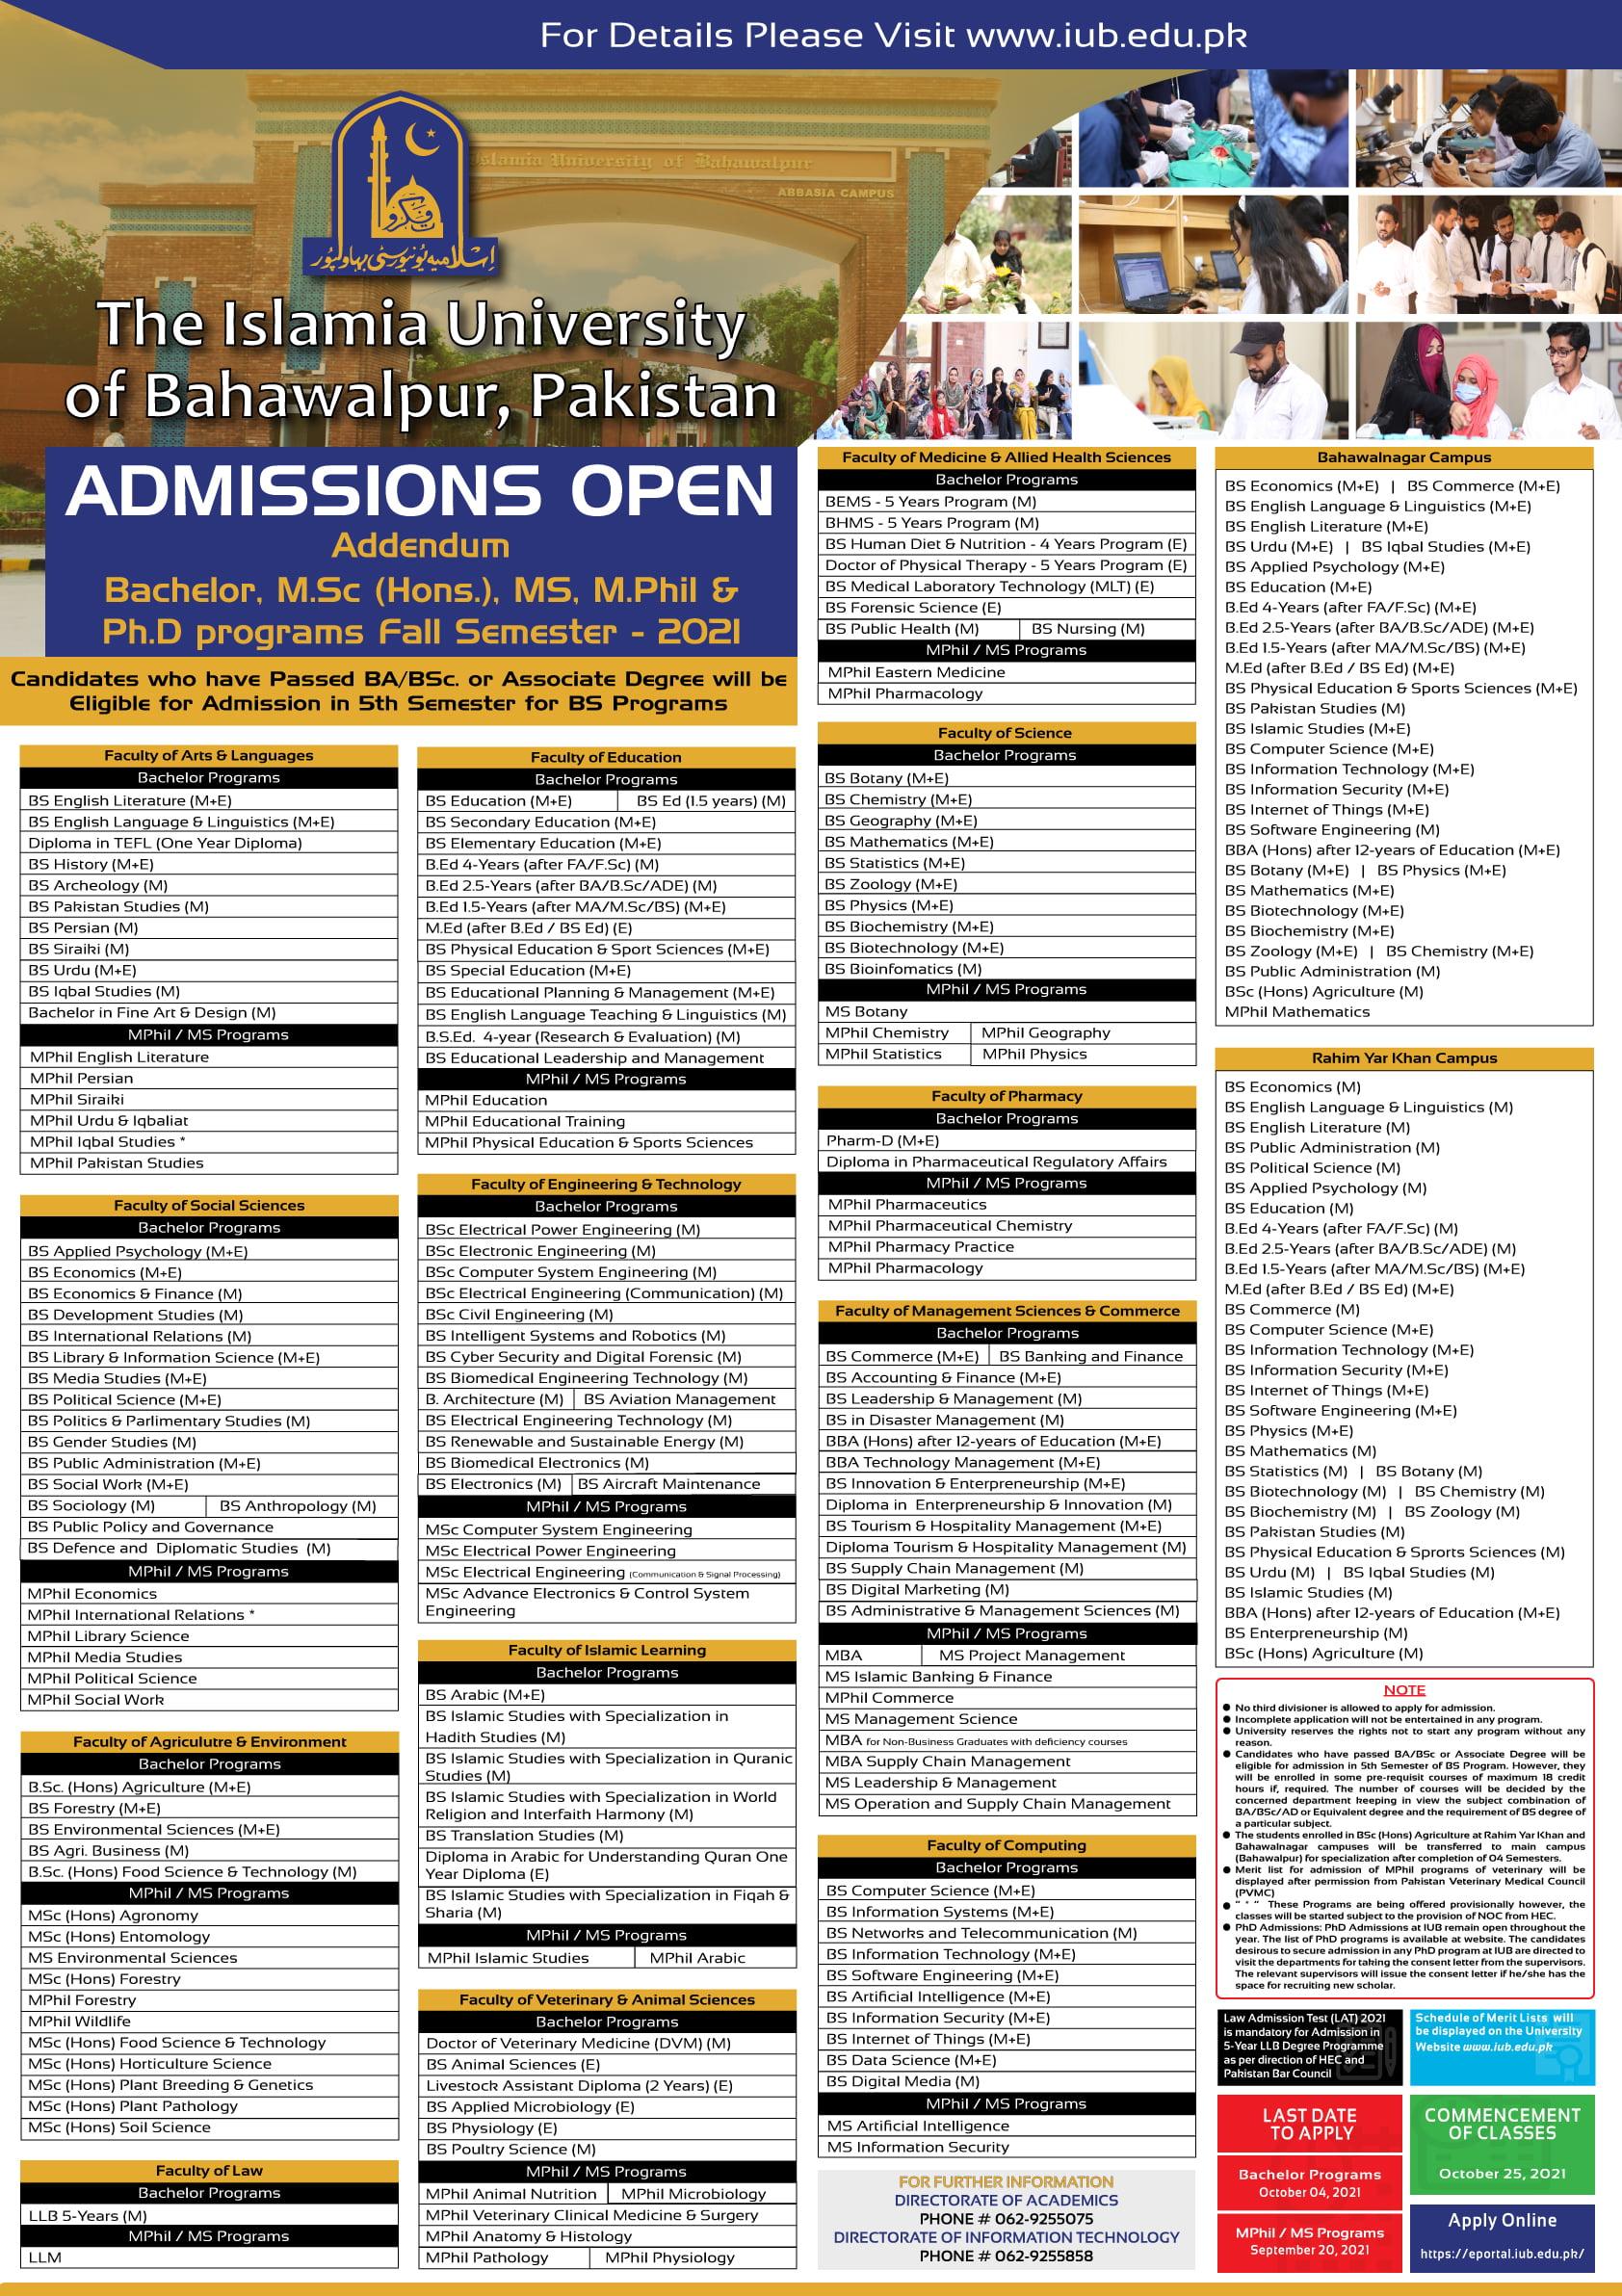 IUB MPhill/MS/Msc(hons)MBA & PhD Programs Admission Fall 2021